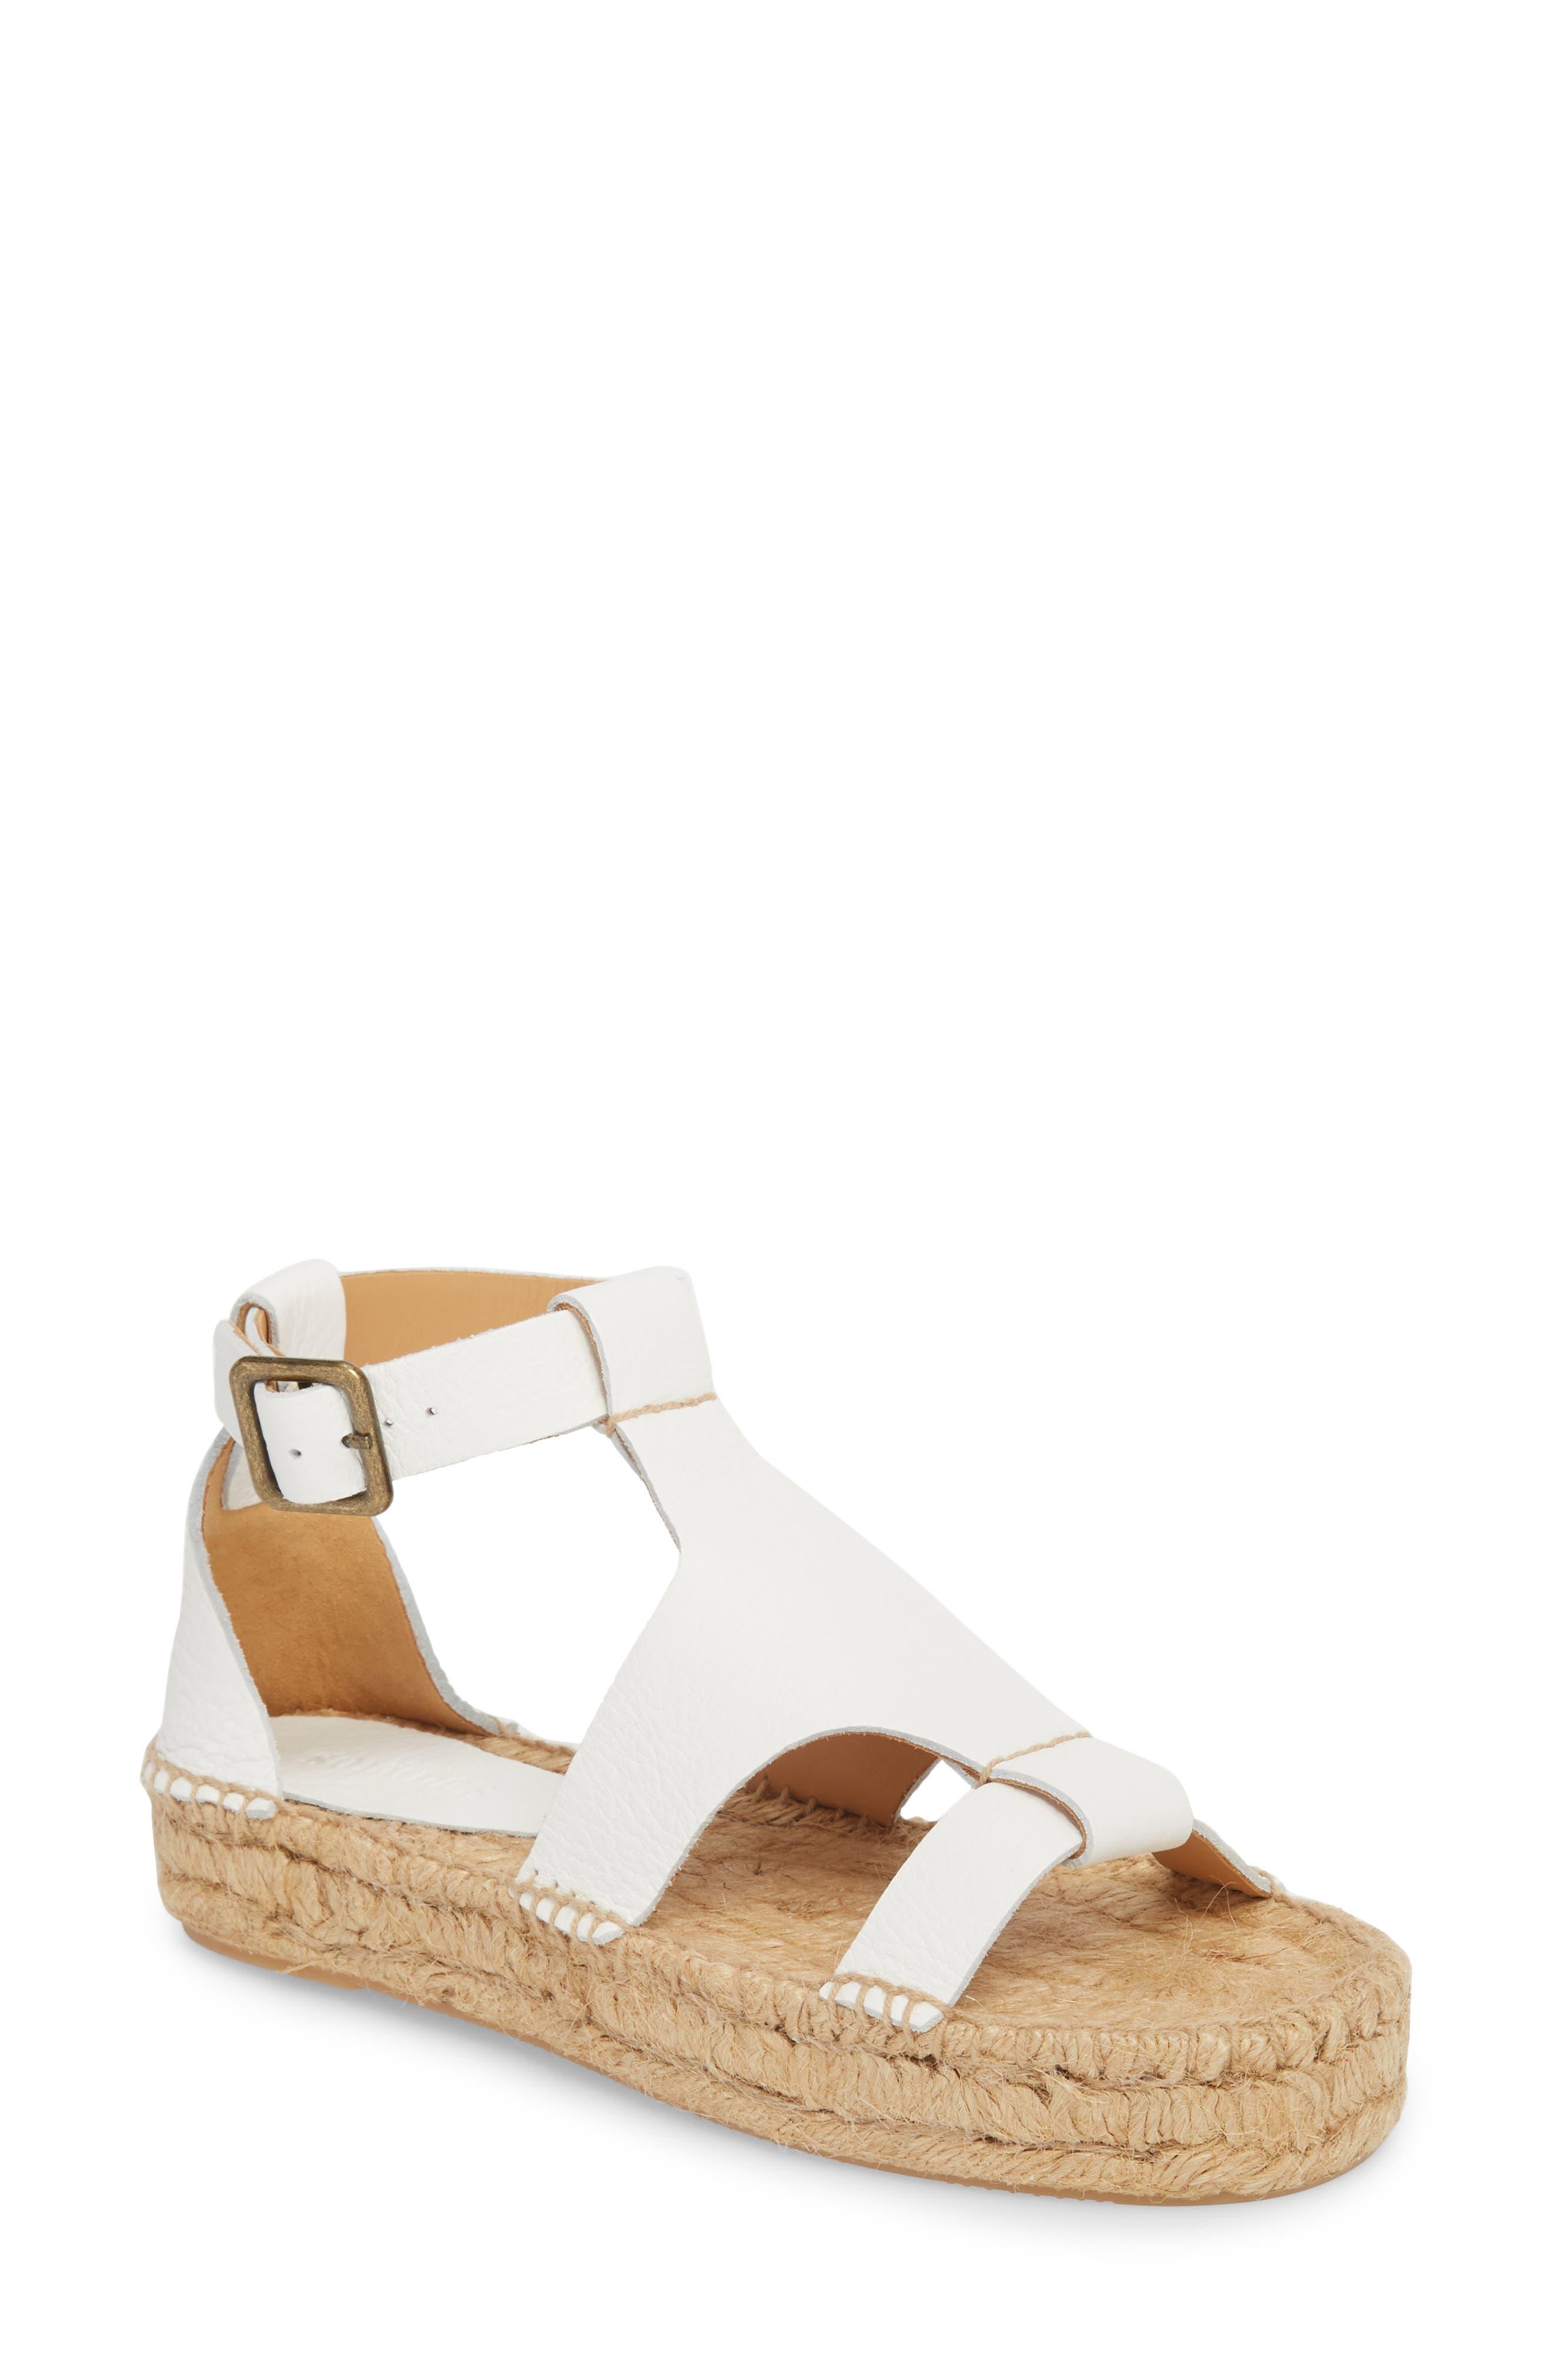 Espadrille Platform Sandal,                         Main,                         color, 100